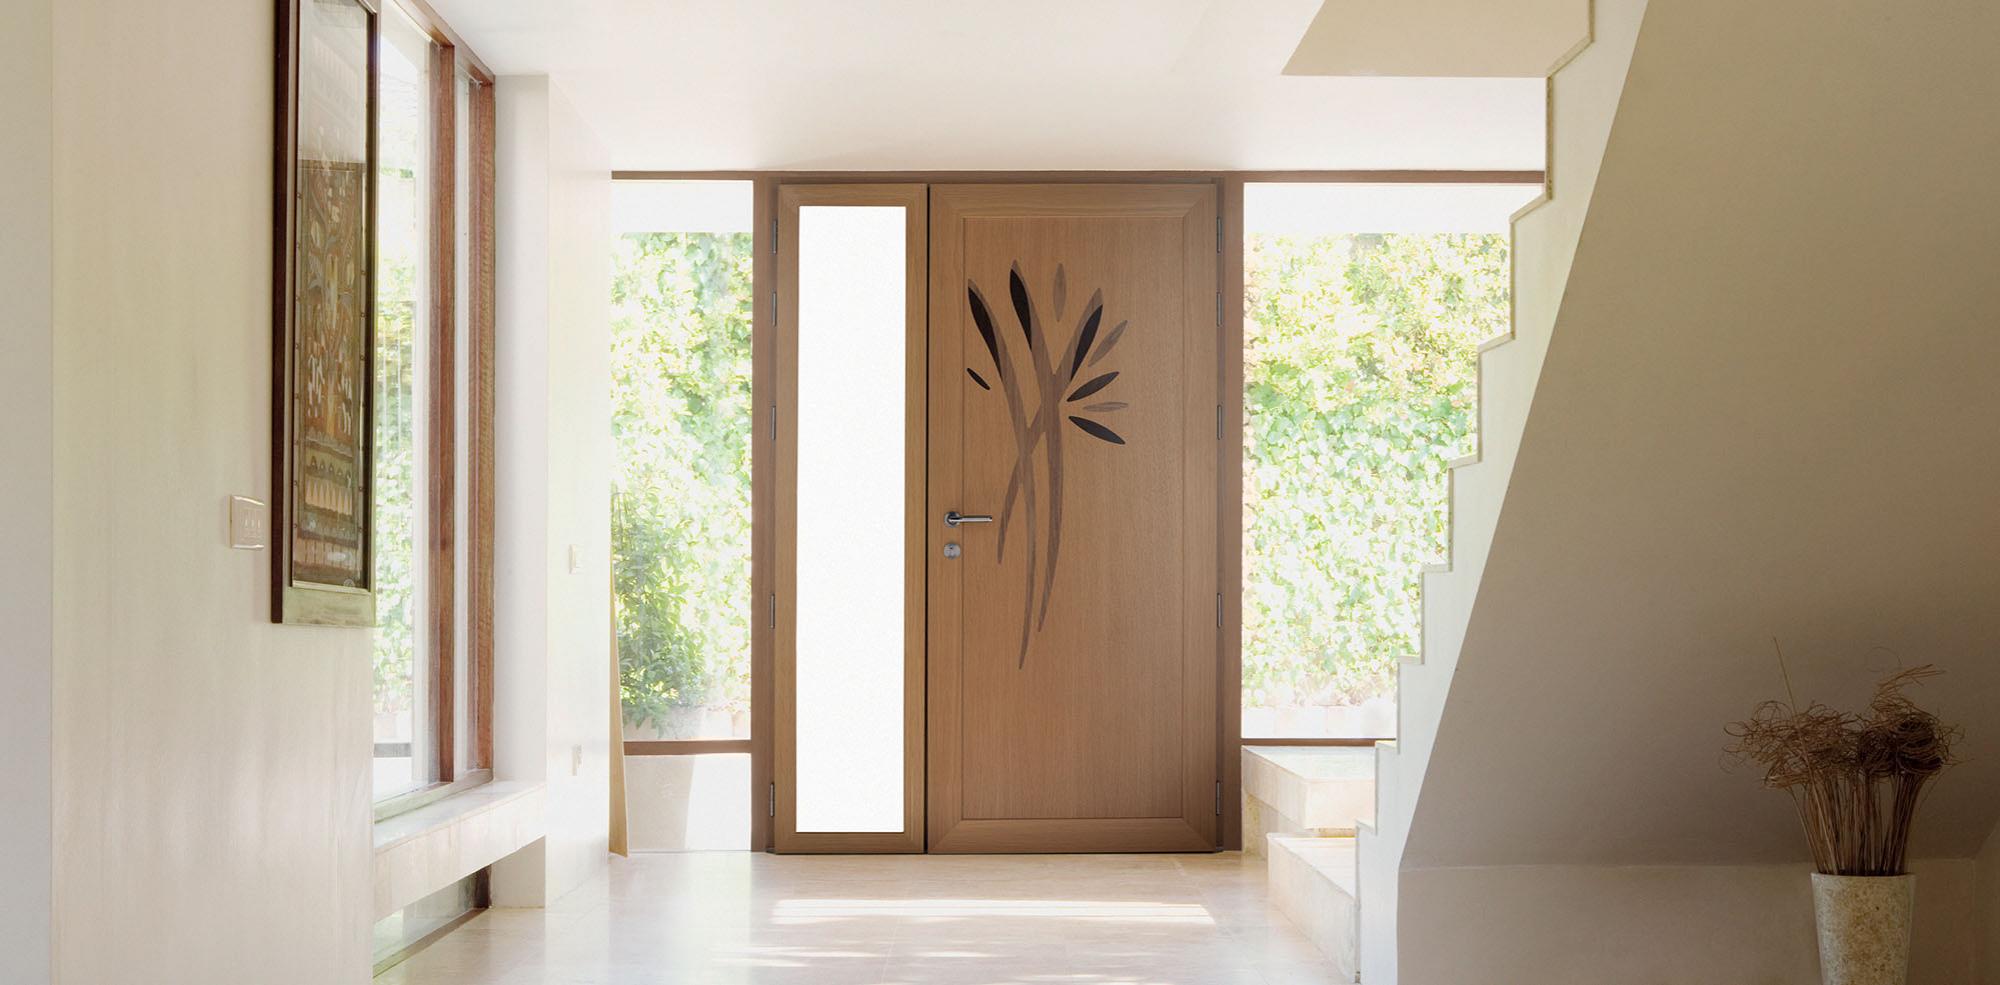 Tringle De Porte Entree la porte d'entrée bois aluminium personnalisable meo, une